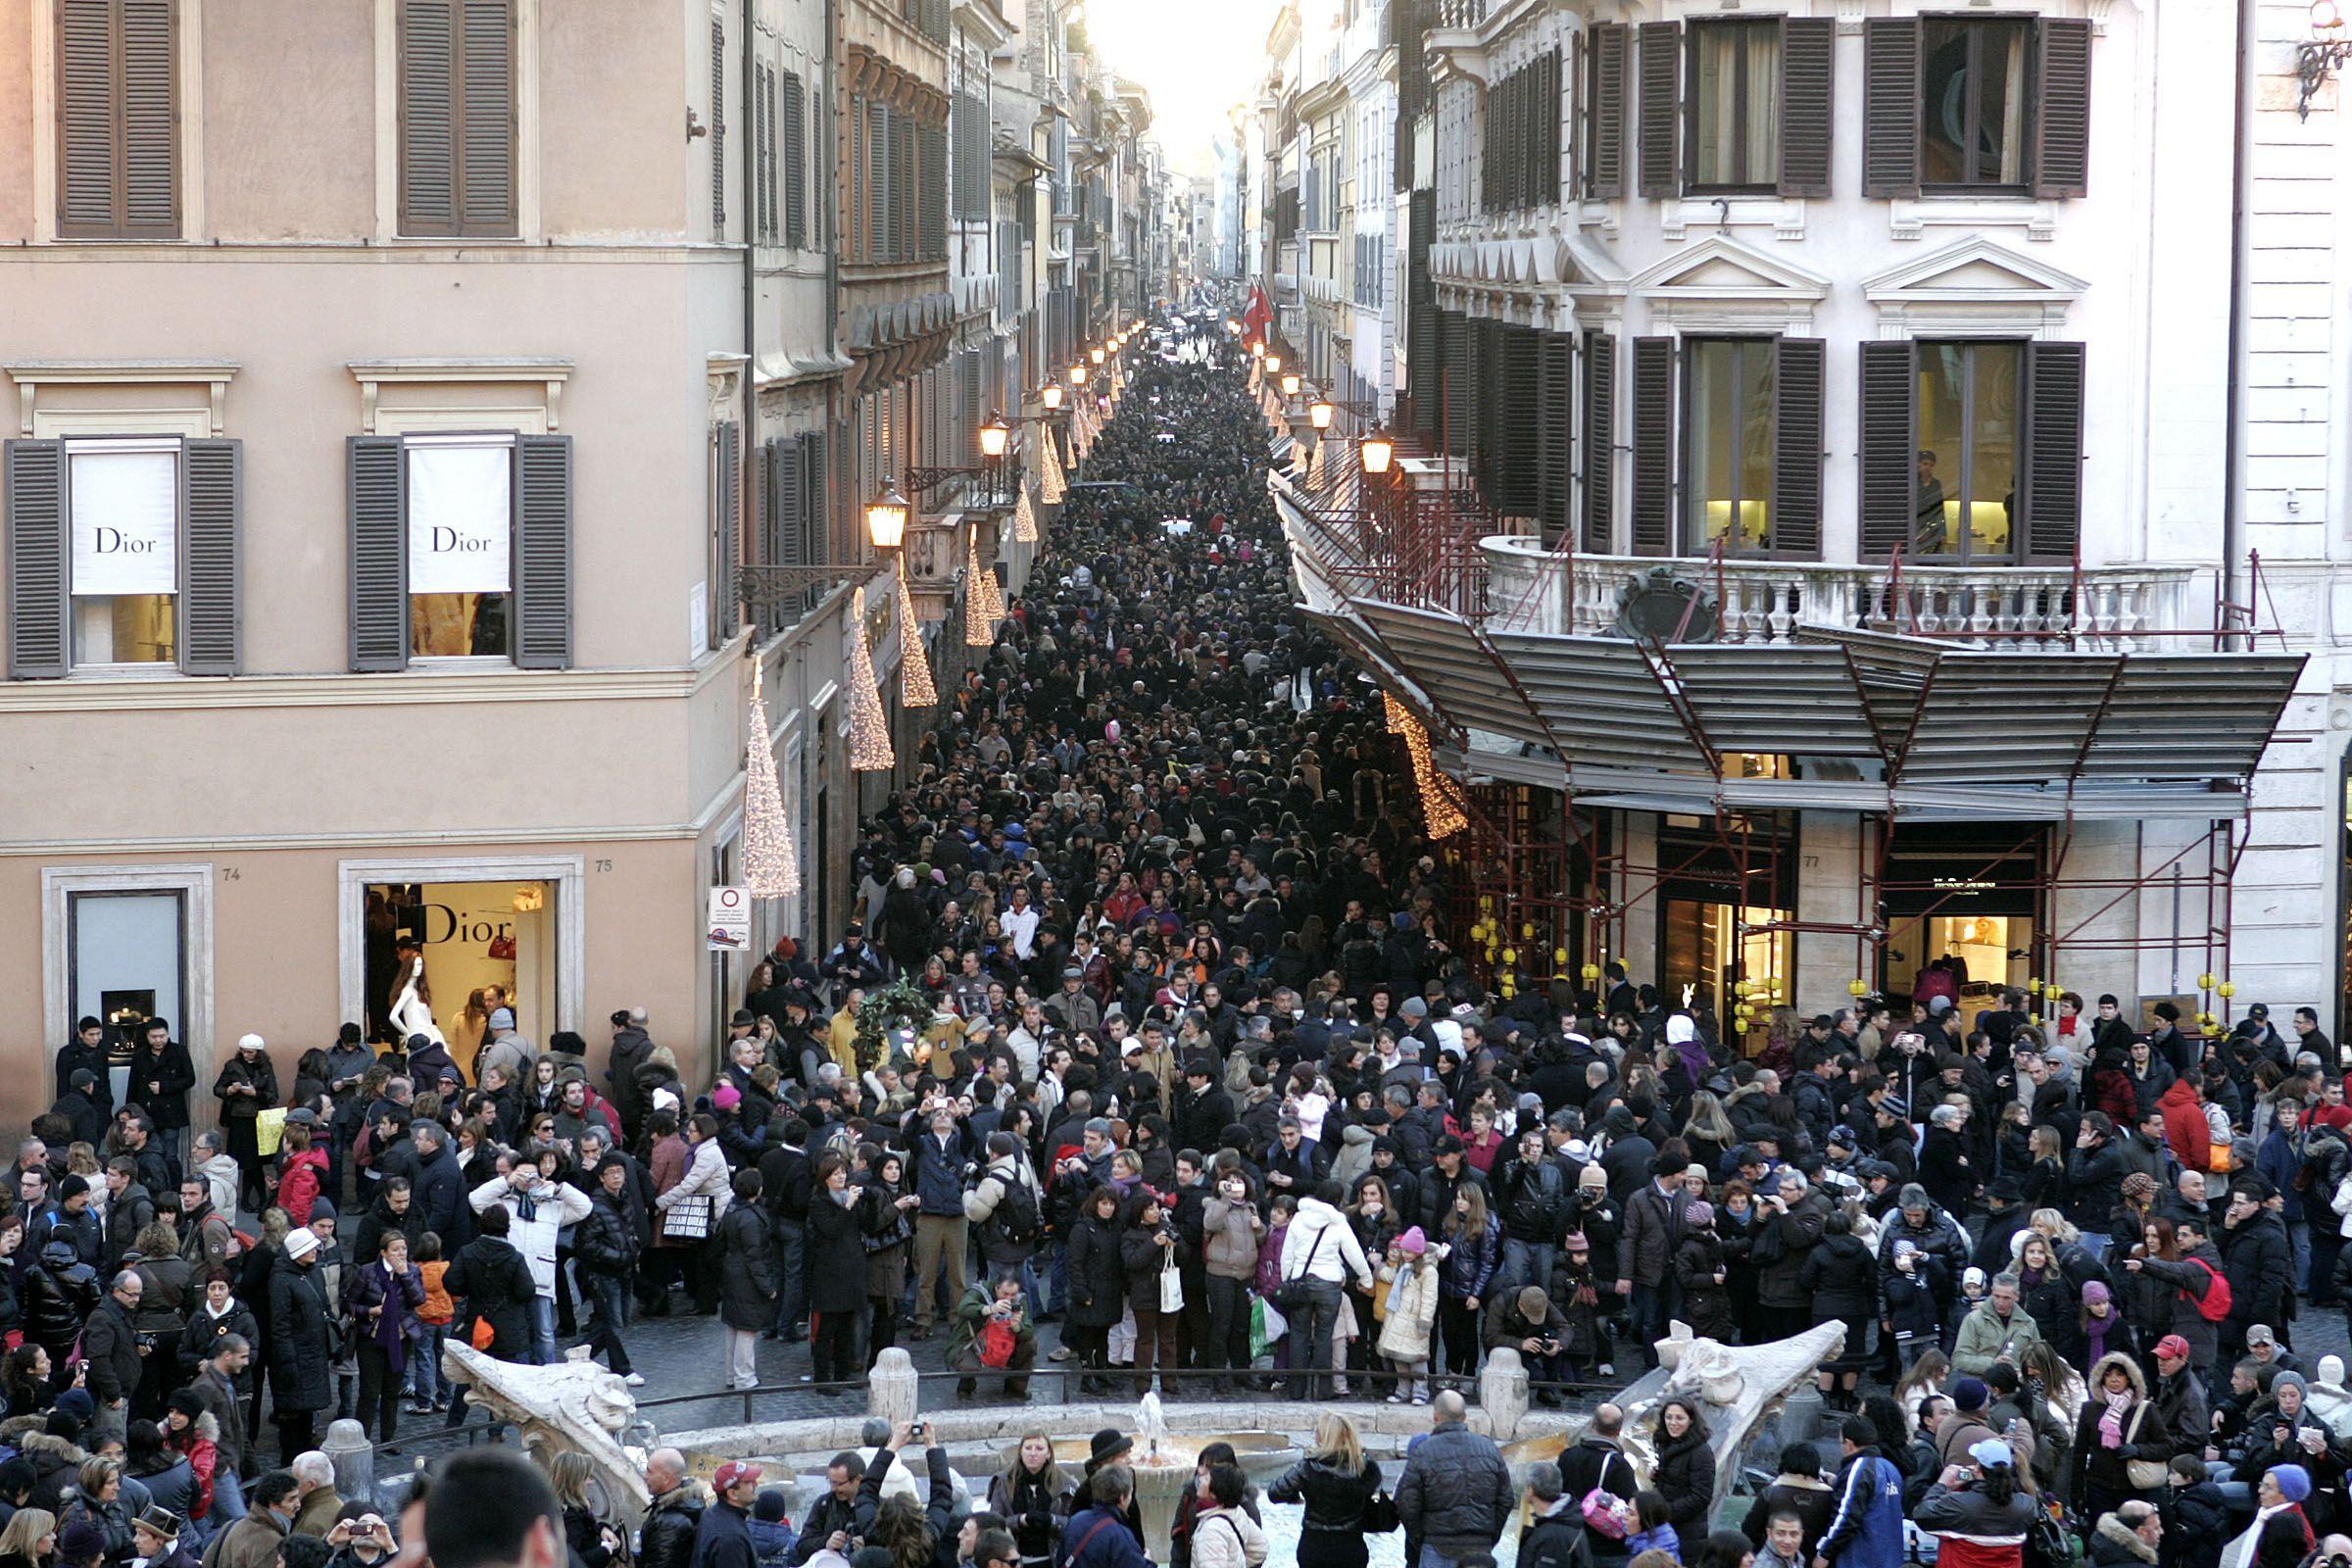 Folla per i saldi domenica in via Condotti (Eidon)